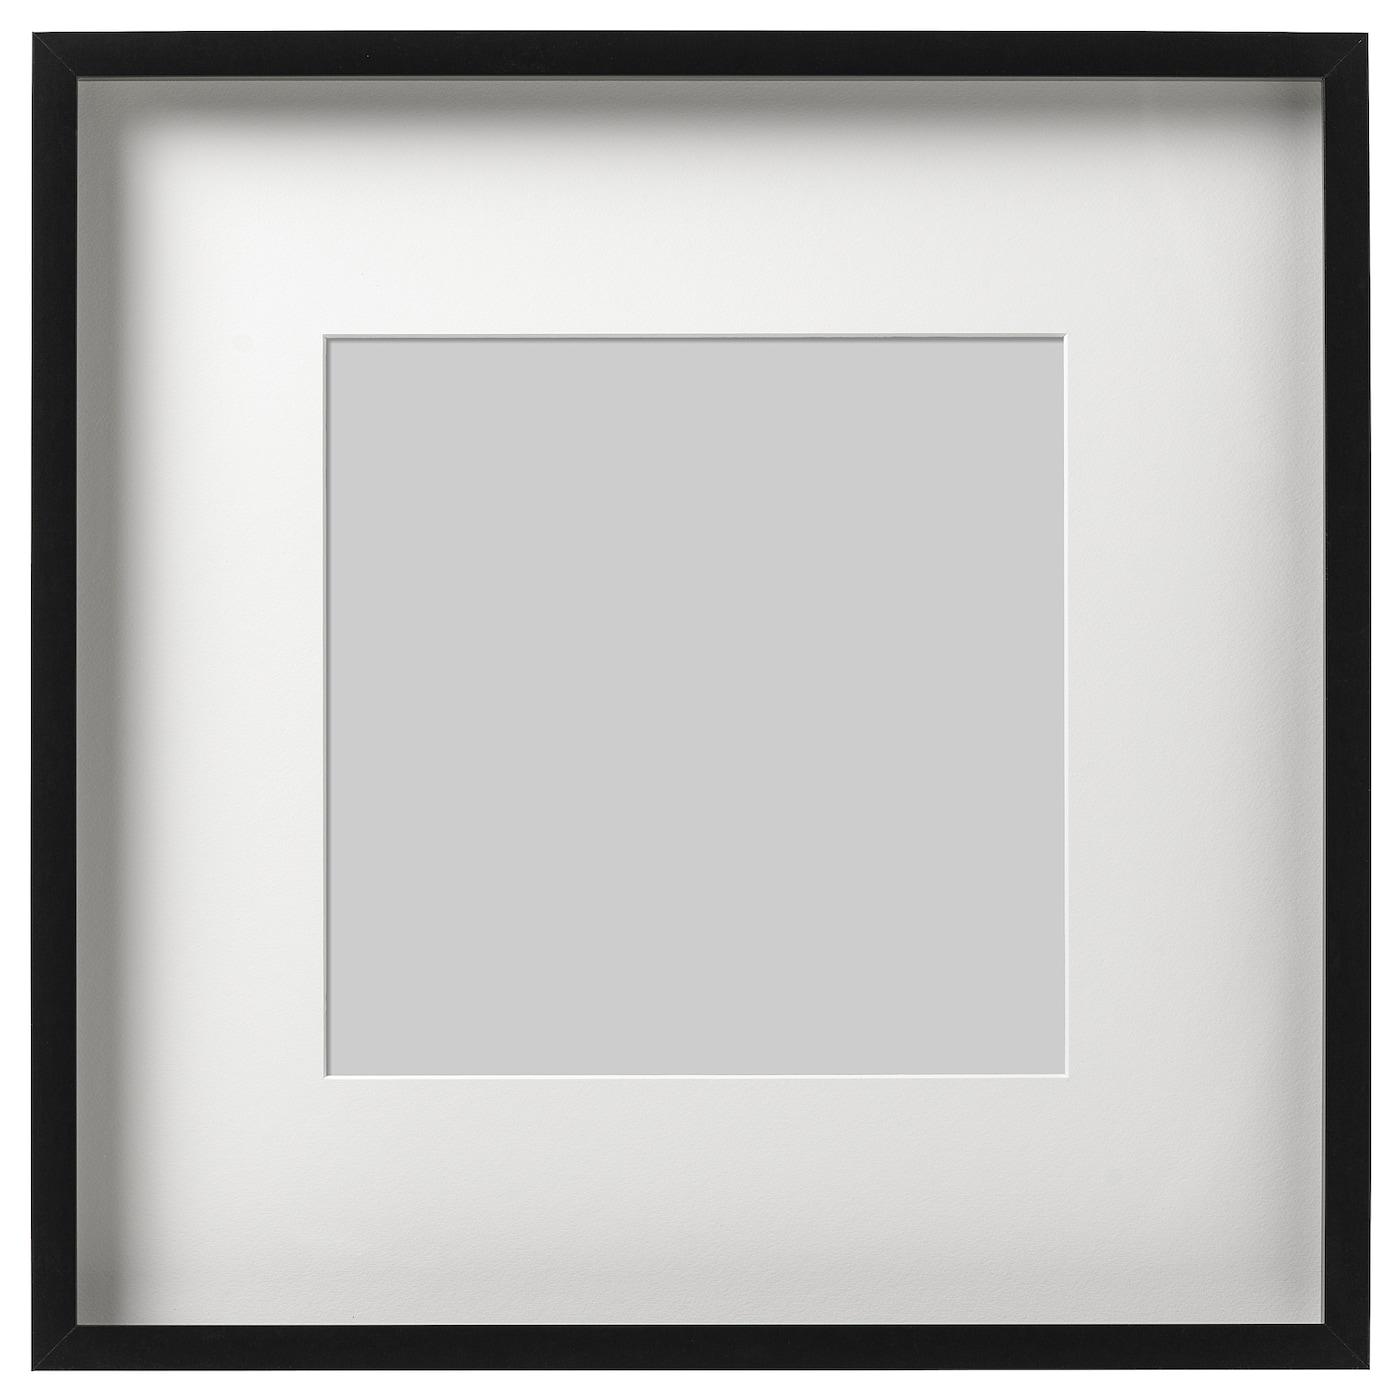 Marcos dibujos y l minas para cuadros compra online ikea Marcos de cuadros blancos